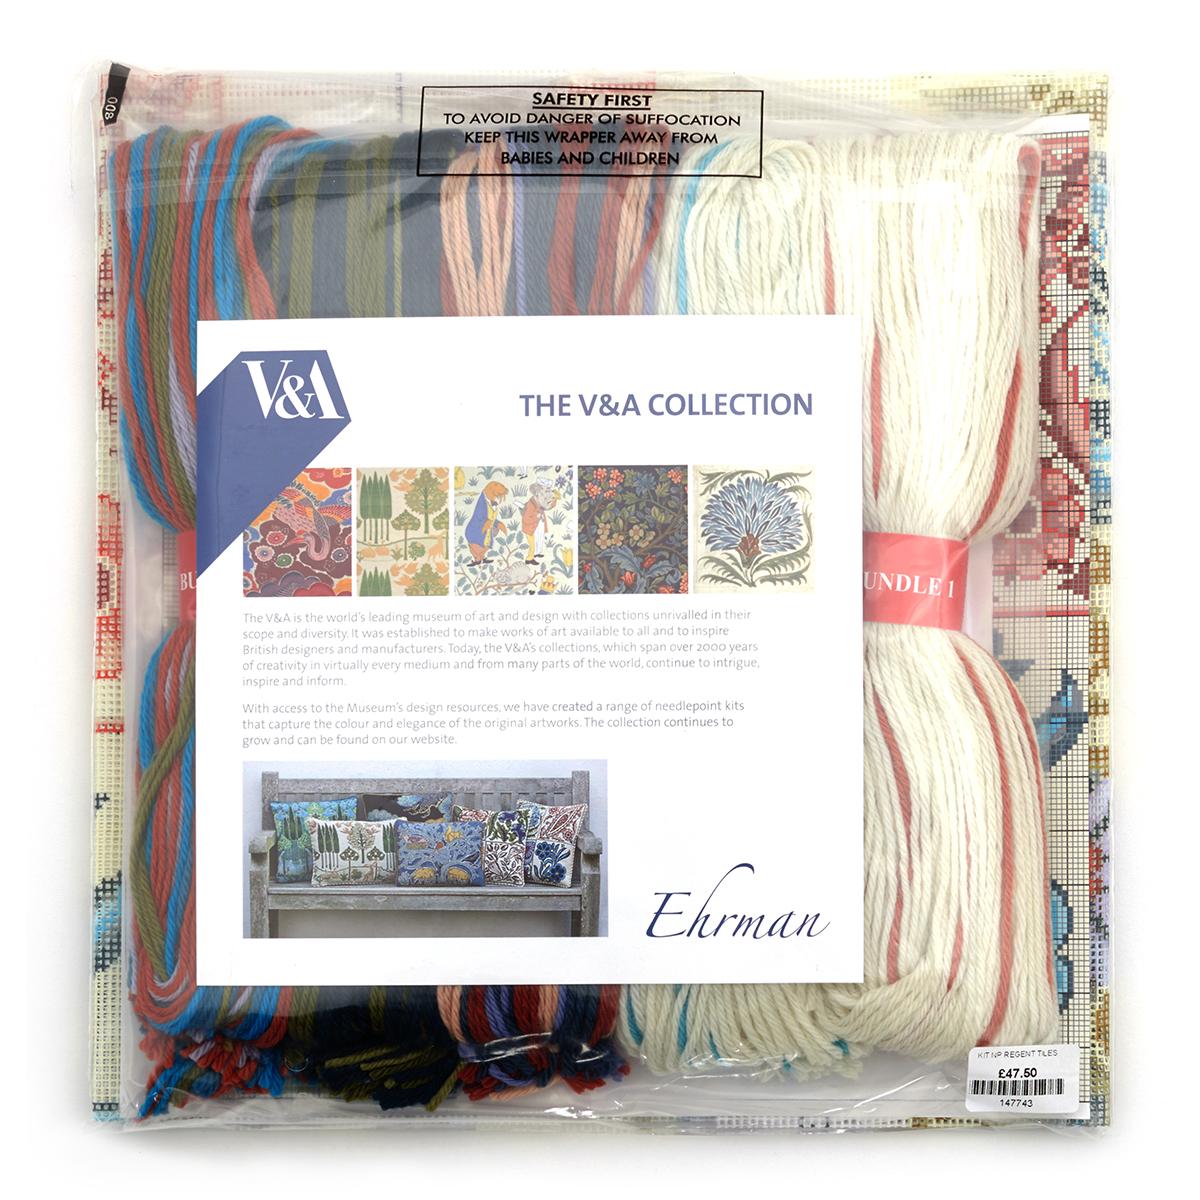 Regents tile needlepoint kit by Ehrman